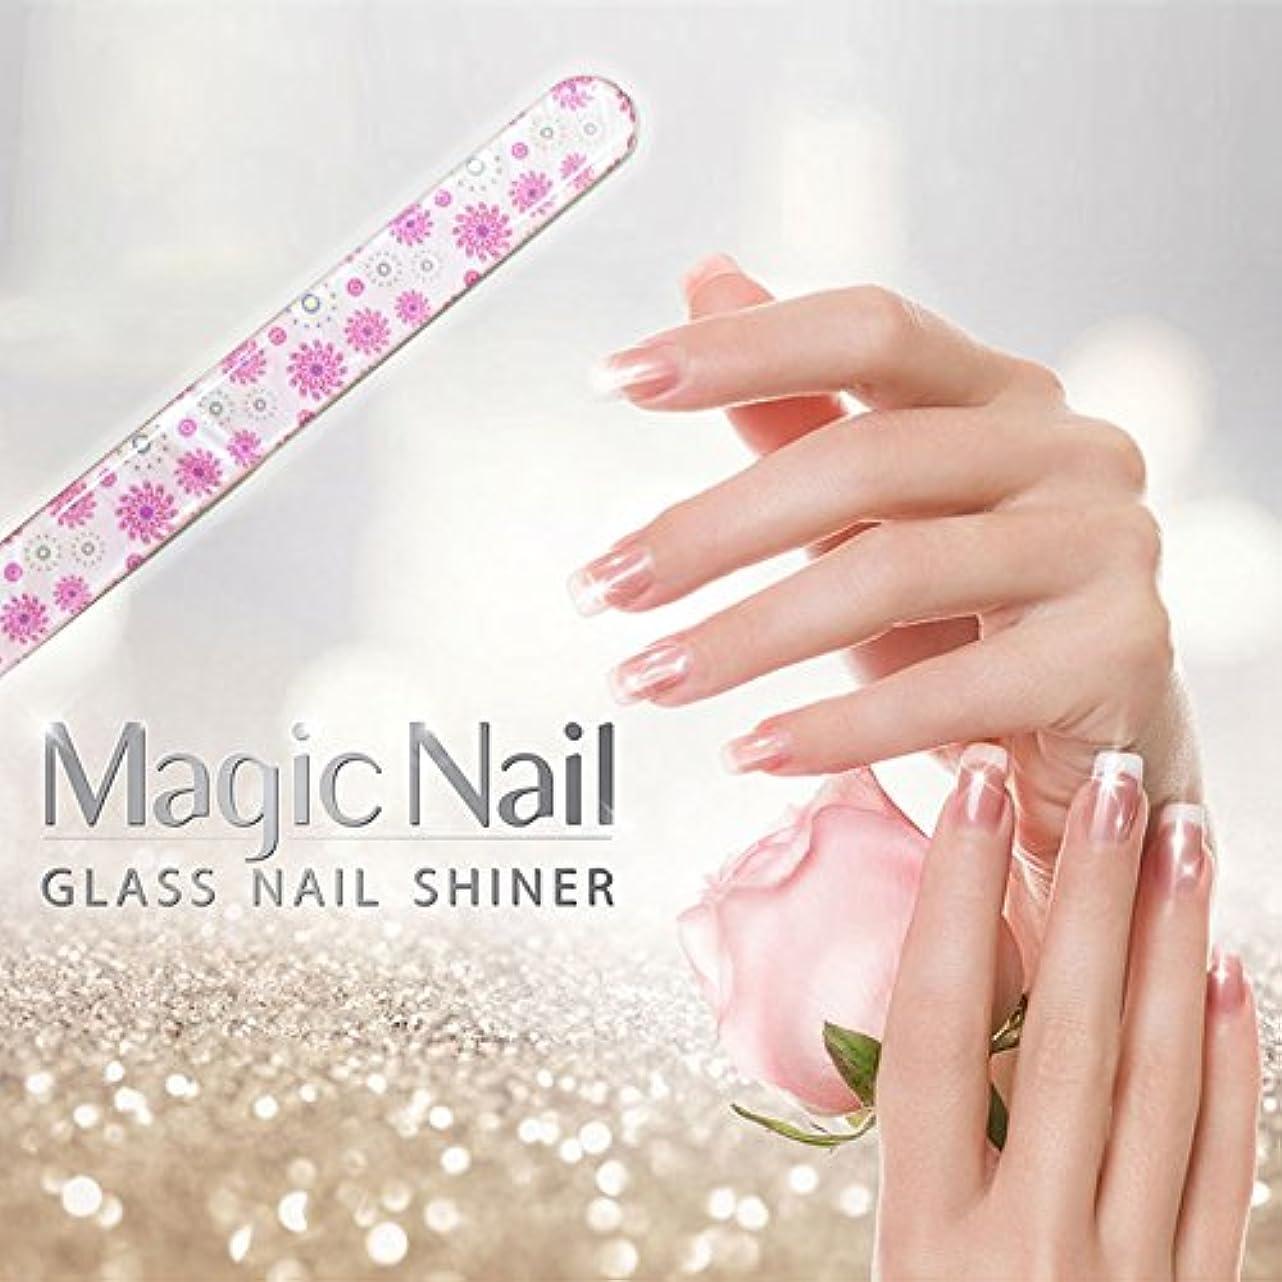 扱いやすい祈り打撃エッサンテ(Essante) マジックネイル magic nail マニキュアを塗ったようなツヤ、輝きが家で誰でも簡単に出来る glass nail shiner ガラスネイルシャイナー おしゃれなデザイン つめやすり ...